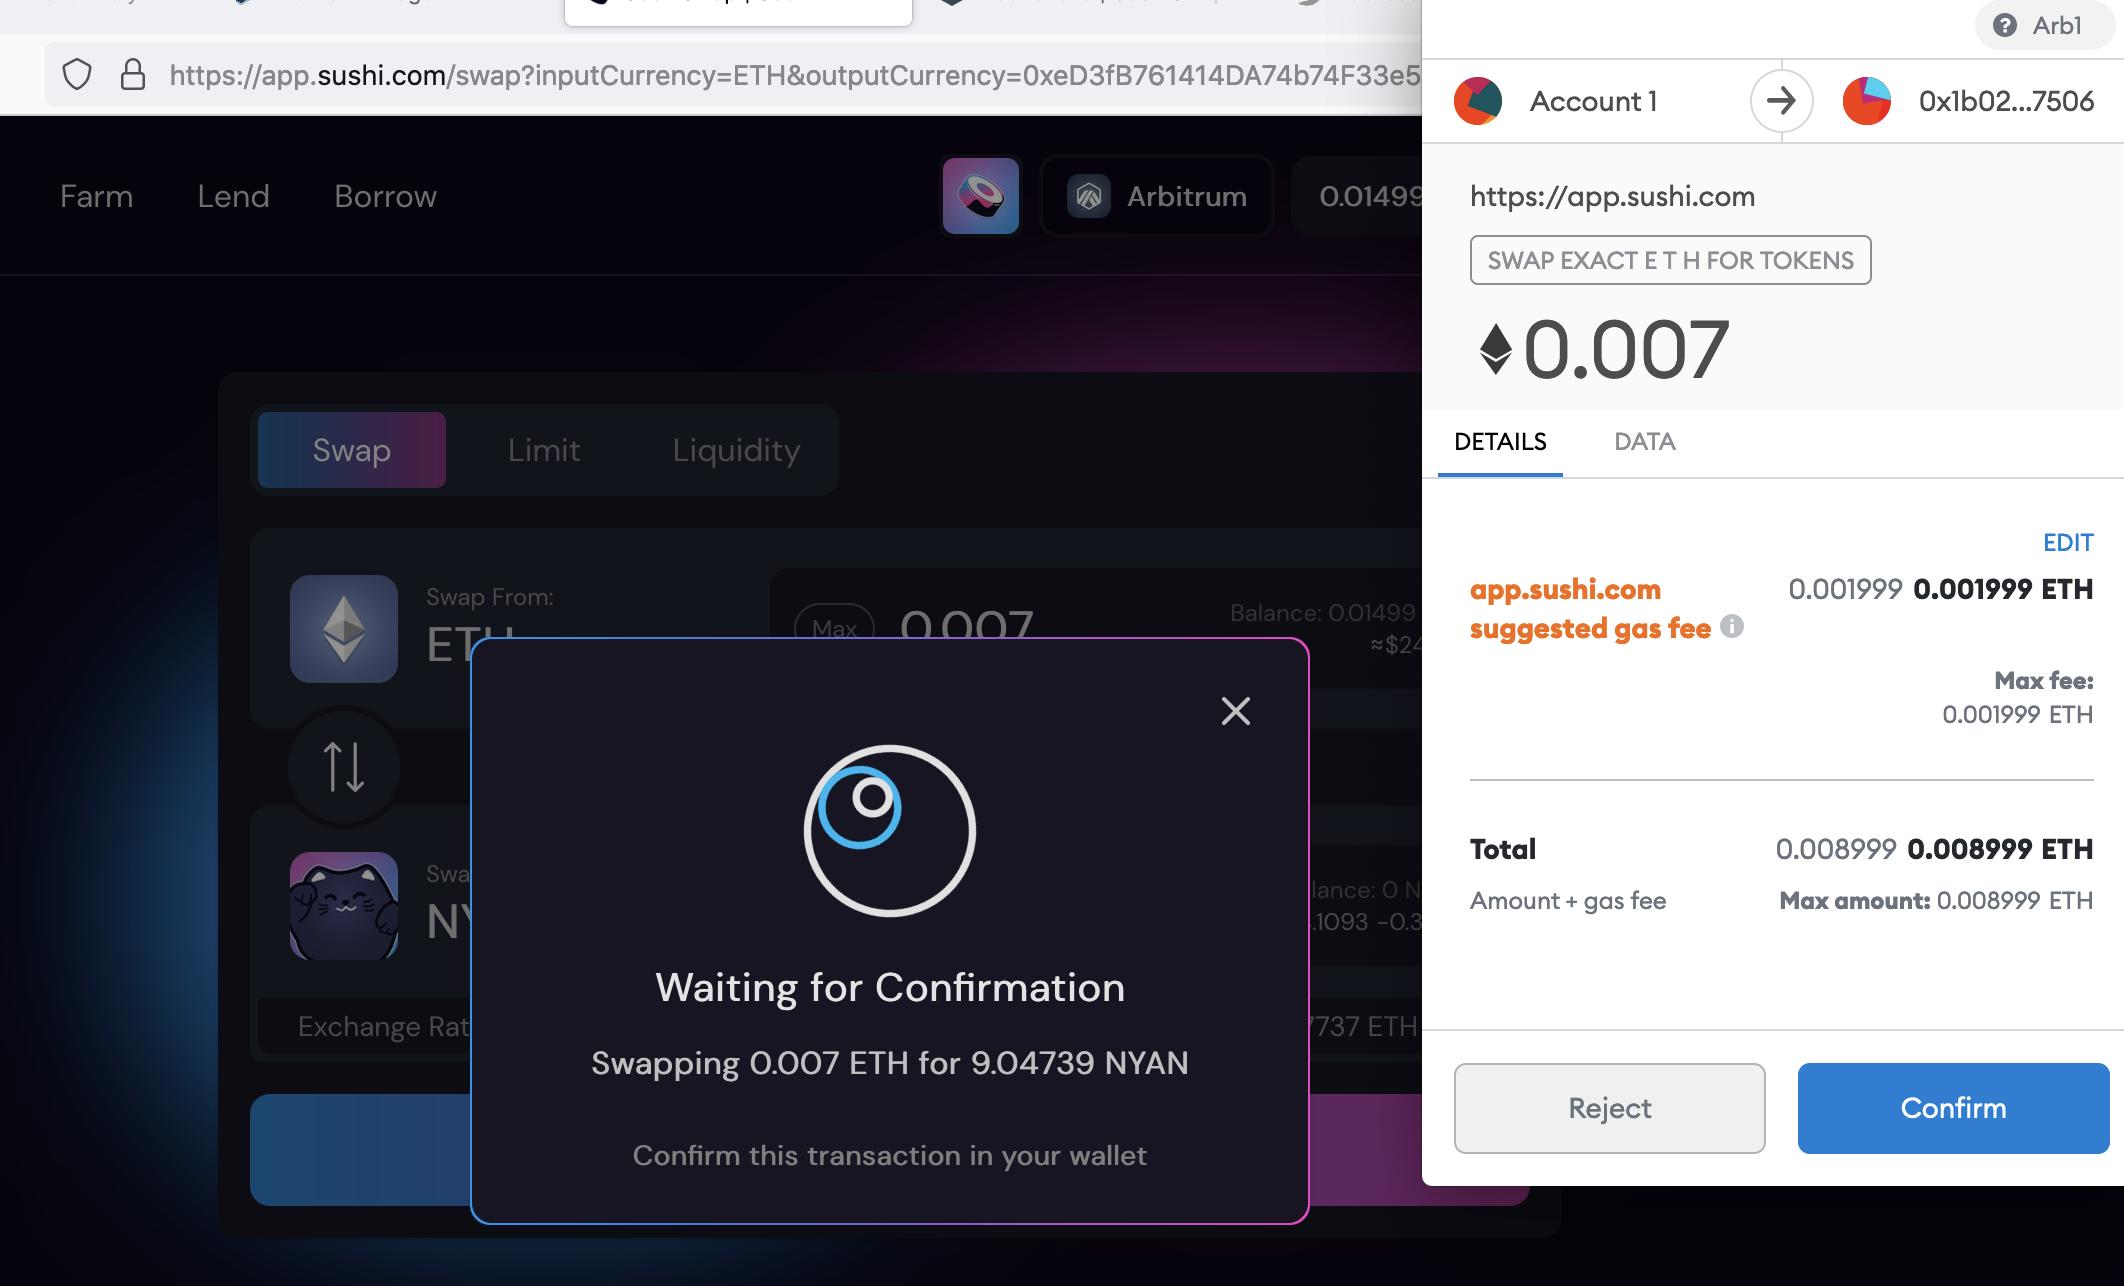 Buying Nyan on Arbitrumed Sushiswap, Sep 2021